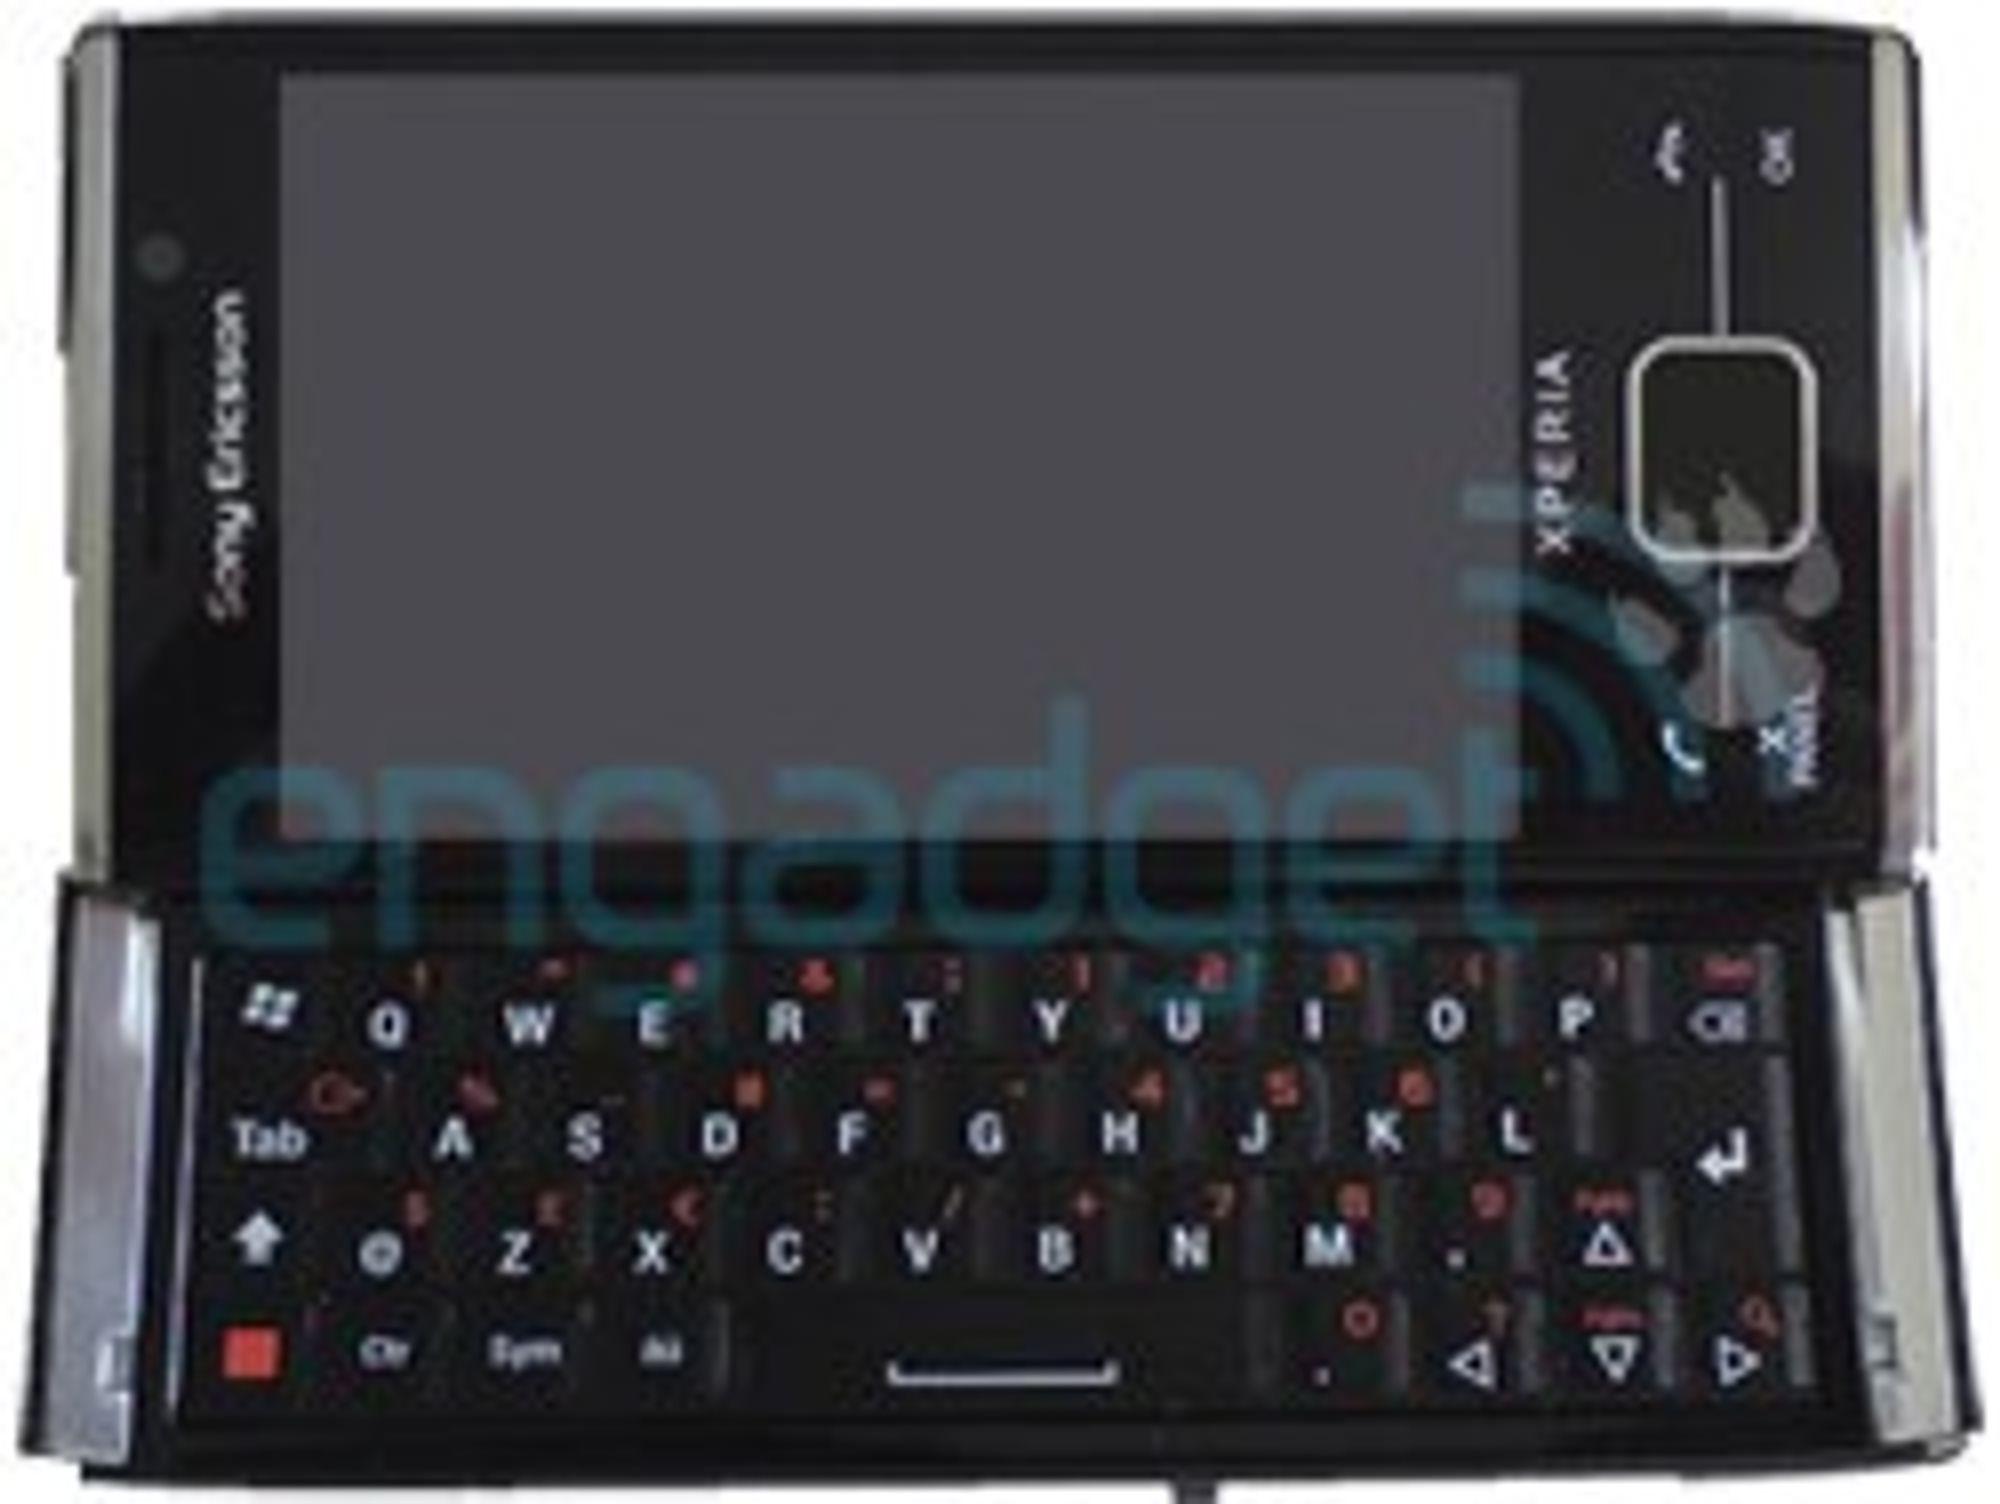 Dette hevdes å være Sony Ericsson Xperia X2.